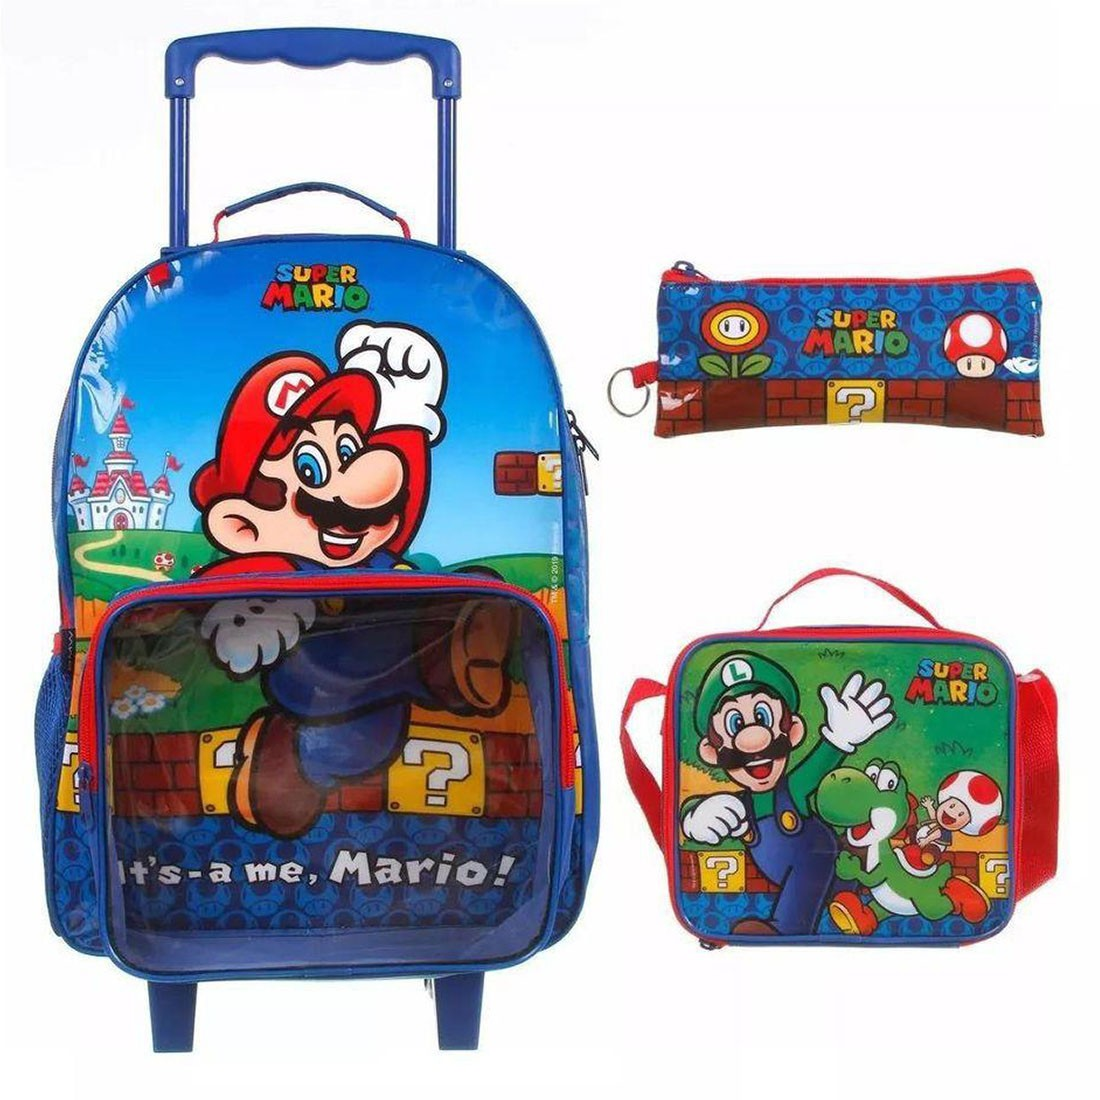 Kit Mochila Infantil com Rodinhas Super Mario com Lancheira e Estojo